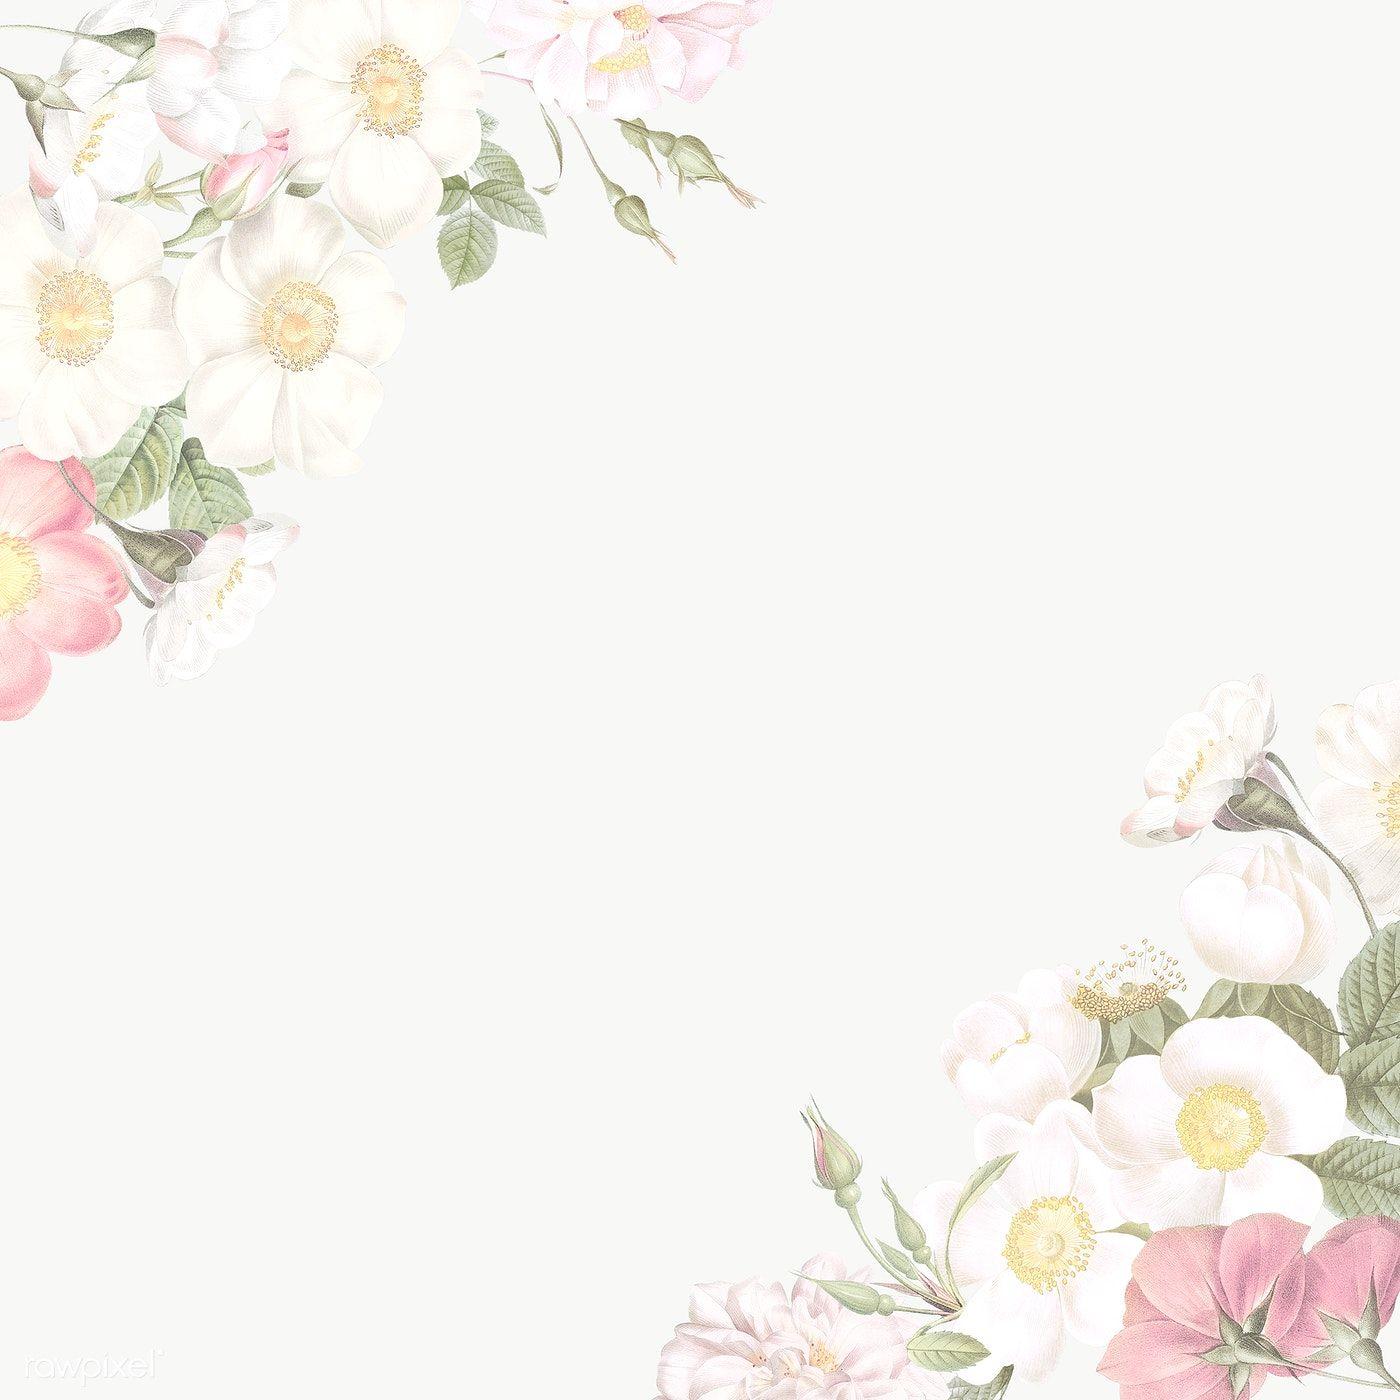 Download Premium Png Of Elegant Floral Frame Design Transparent